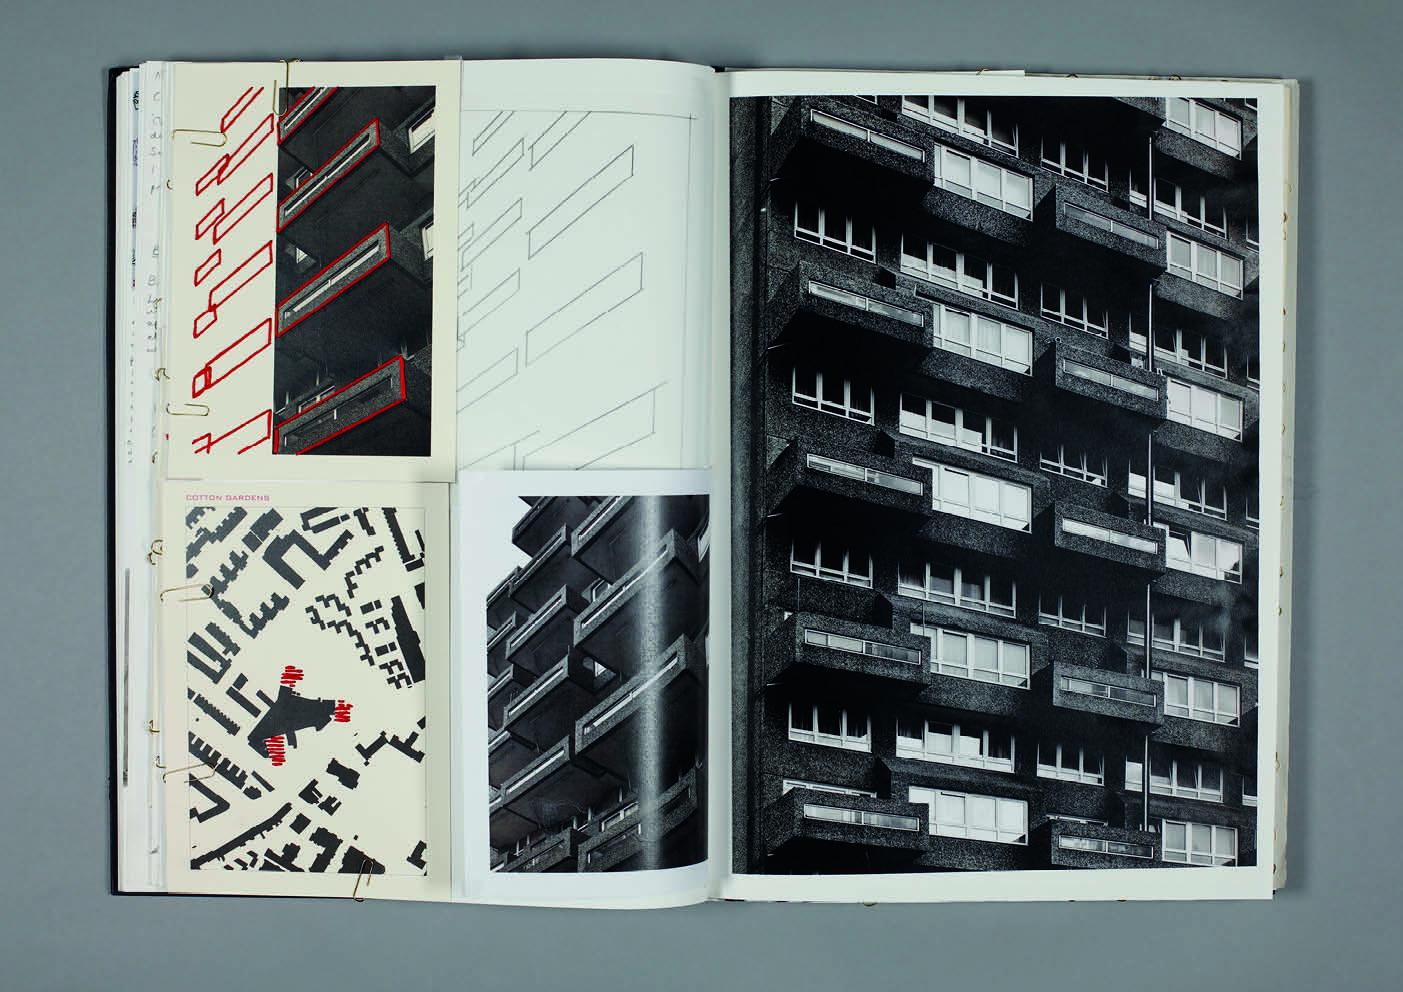 Design by Mils Brutalist Sketchbook Page